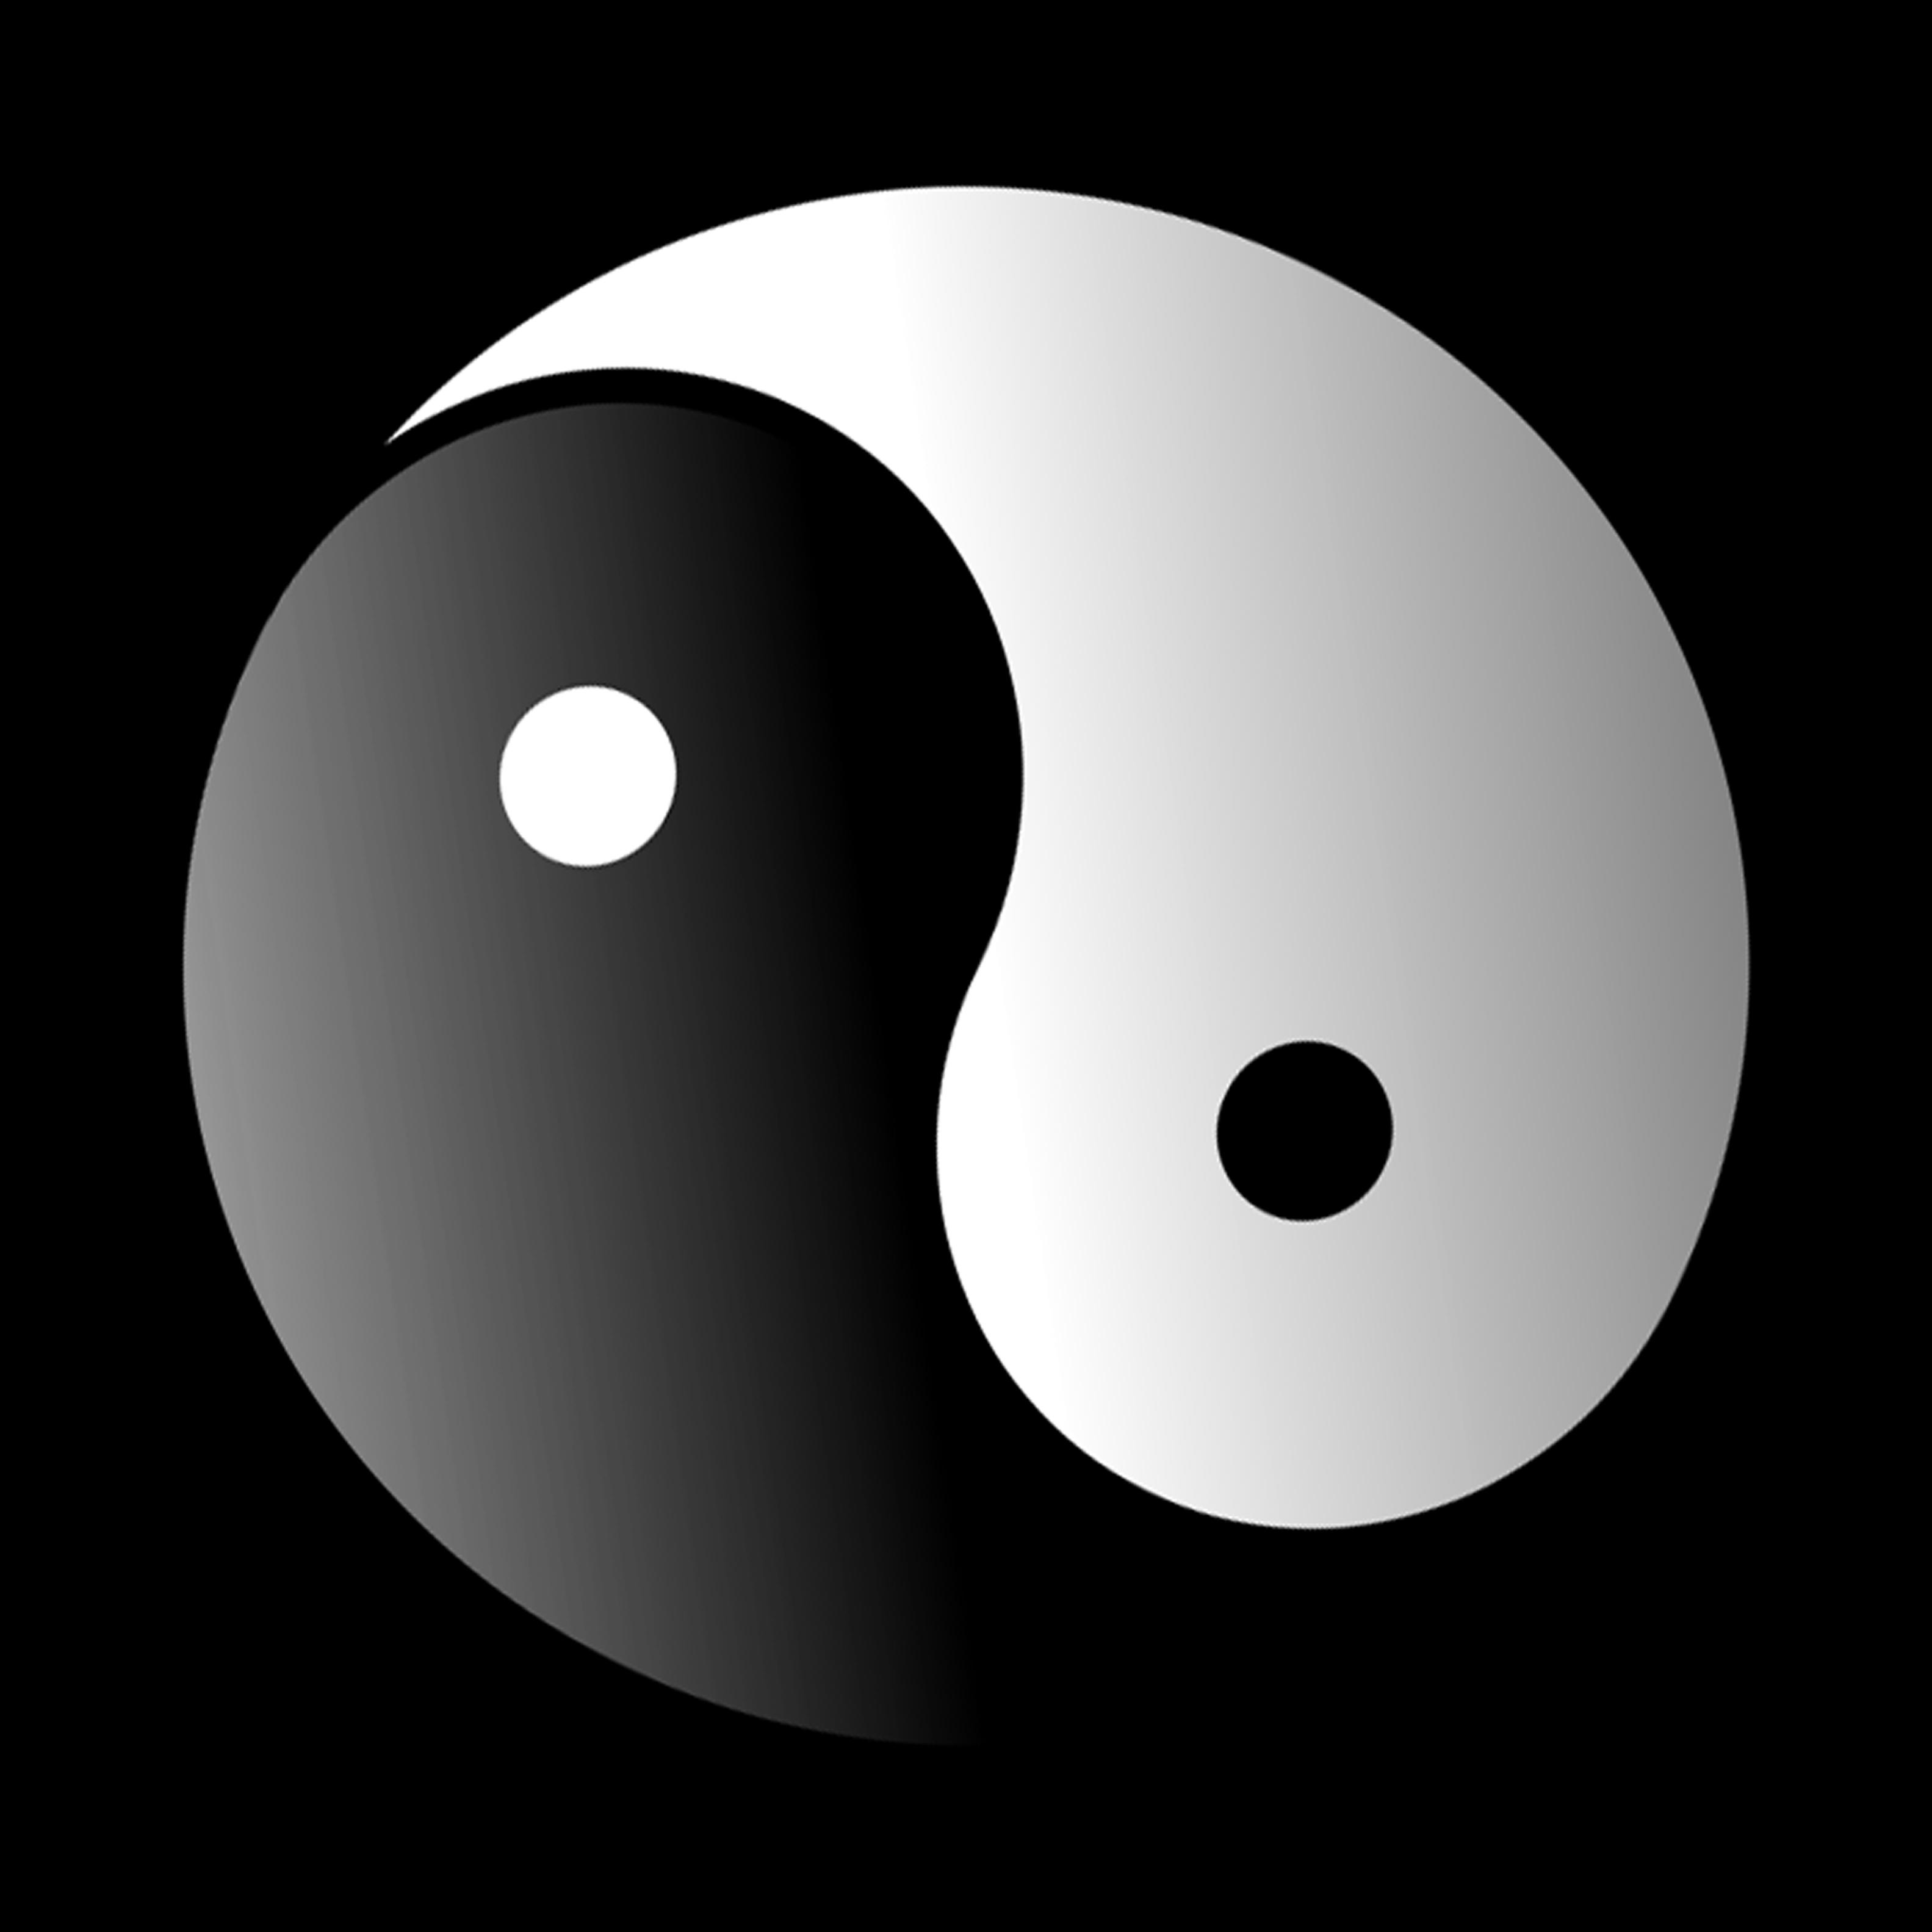 Apple yin yang clipart image royalty free library Yin and yang Symbol Clip art - yin yang 3166*3166 transprent Png ... image royalty free library